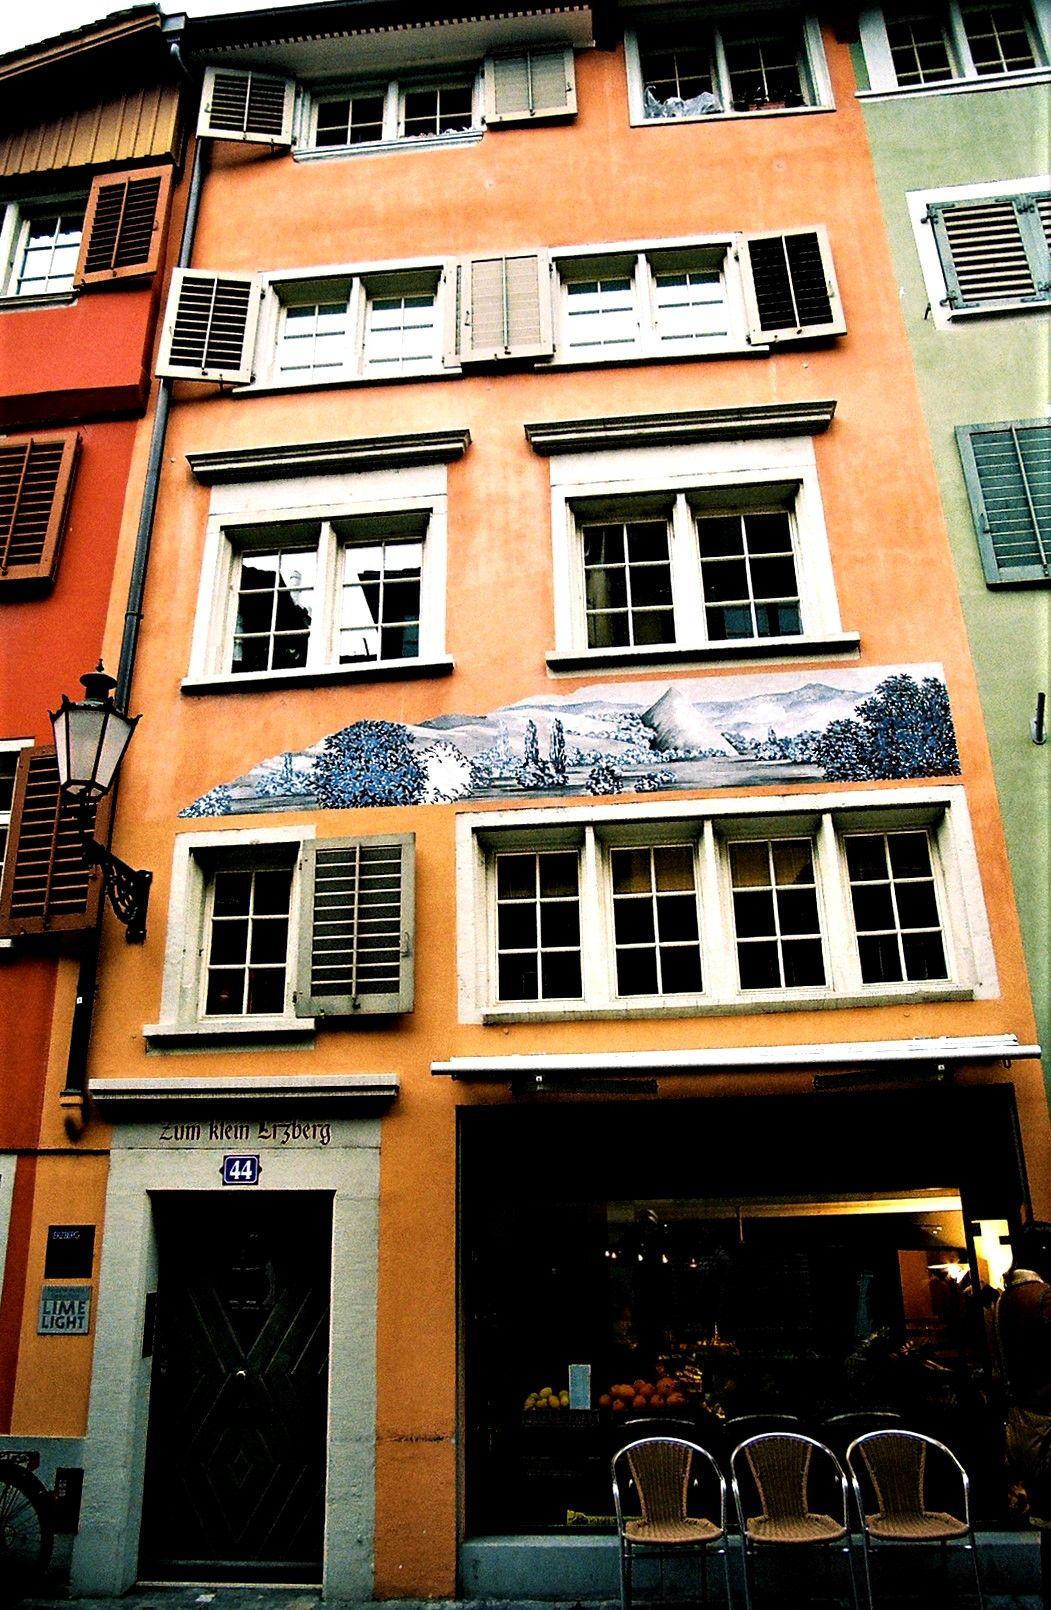 Zurich, Switzerland - Original Photography by R. Stowe